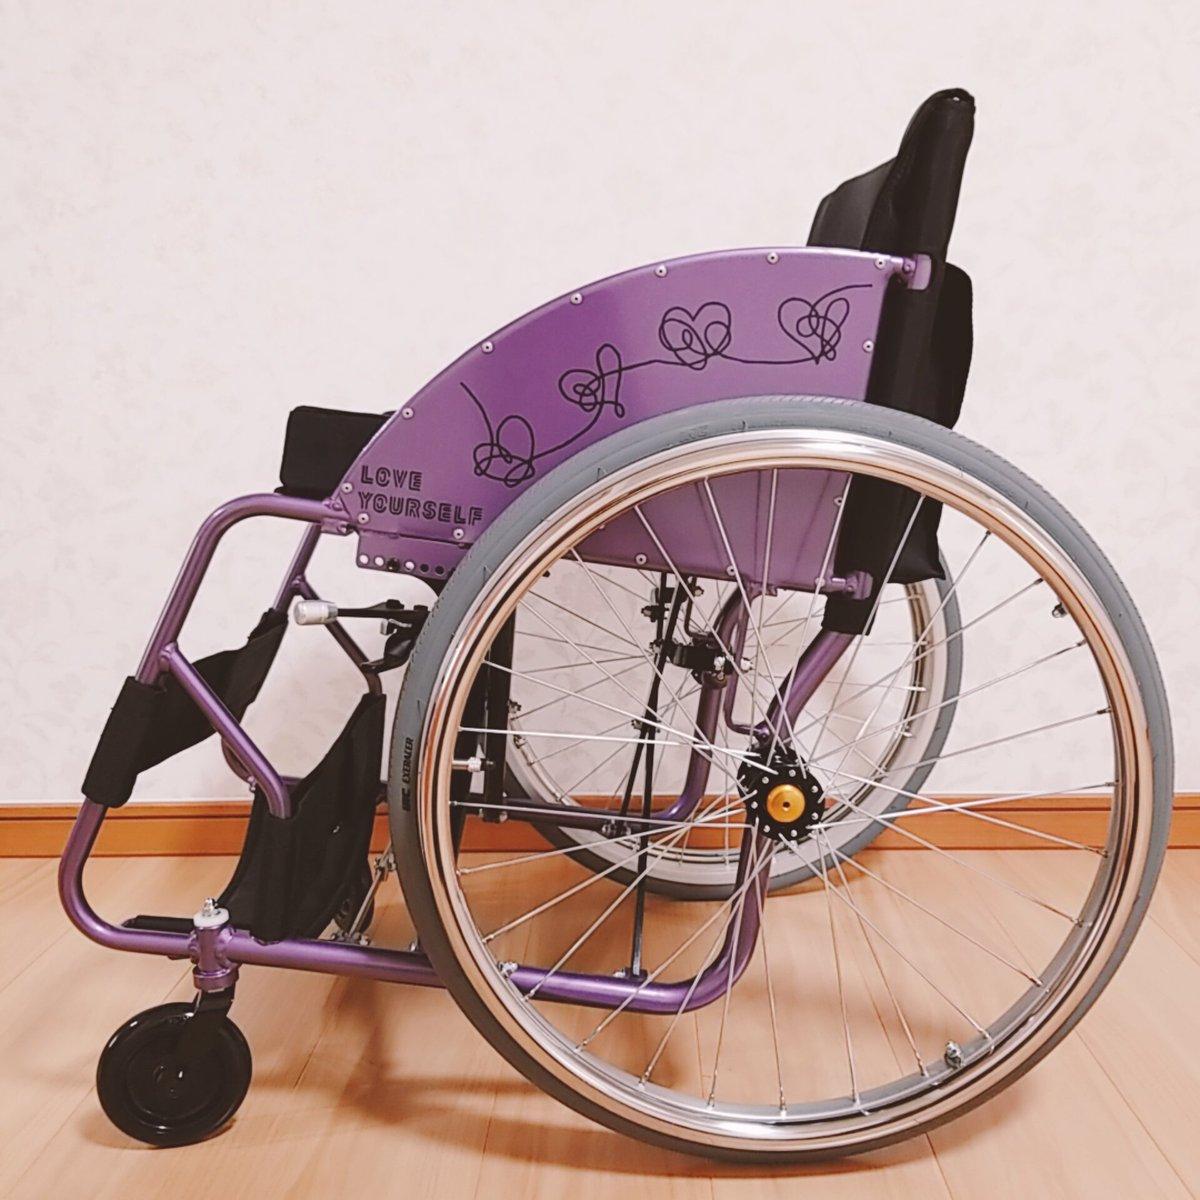 お友達の素敵なセンスとスゴ技によって、私の車椅子がLOVE YOURSELF仕様になりました  感謝感激で…もぉ泣きそう ✨ 世界中に自慢したいくらいです